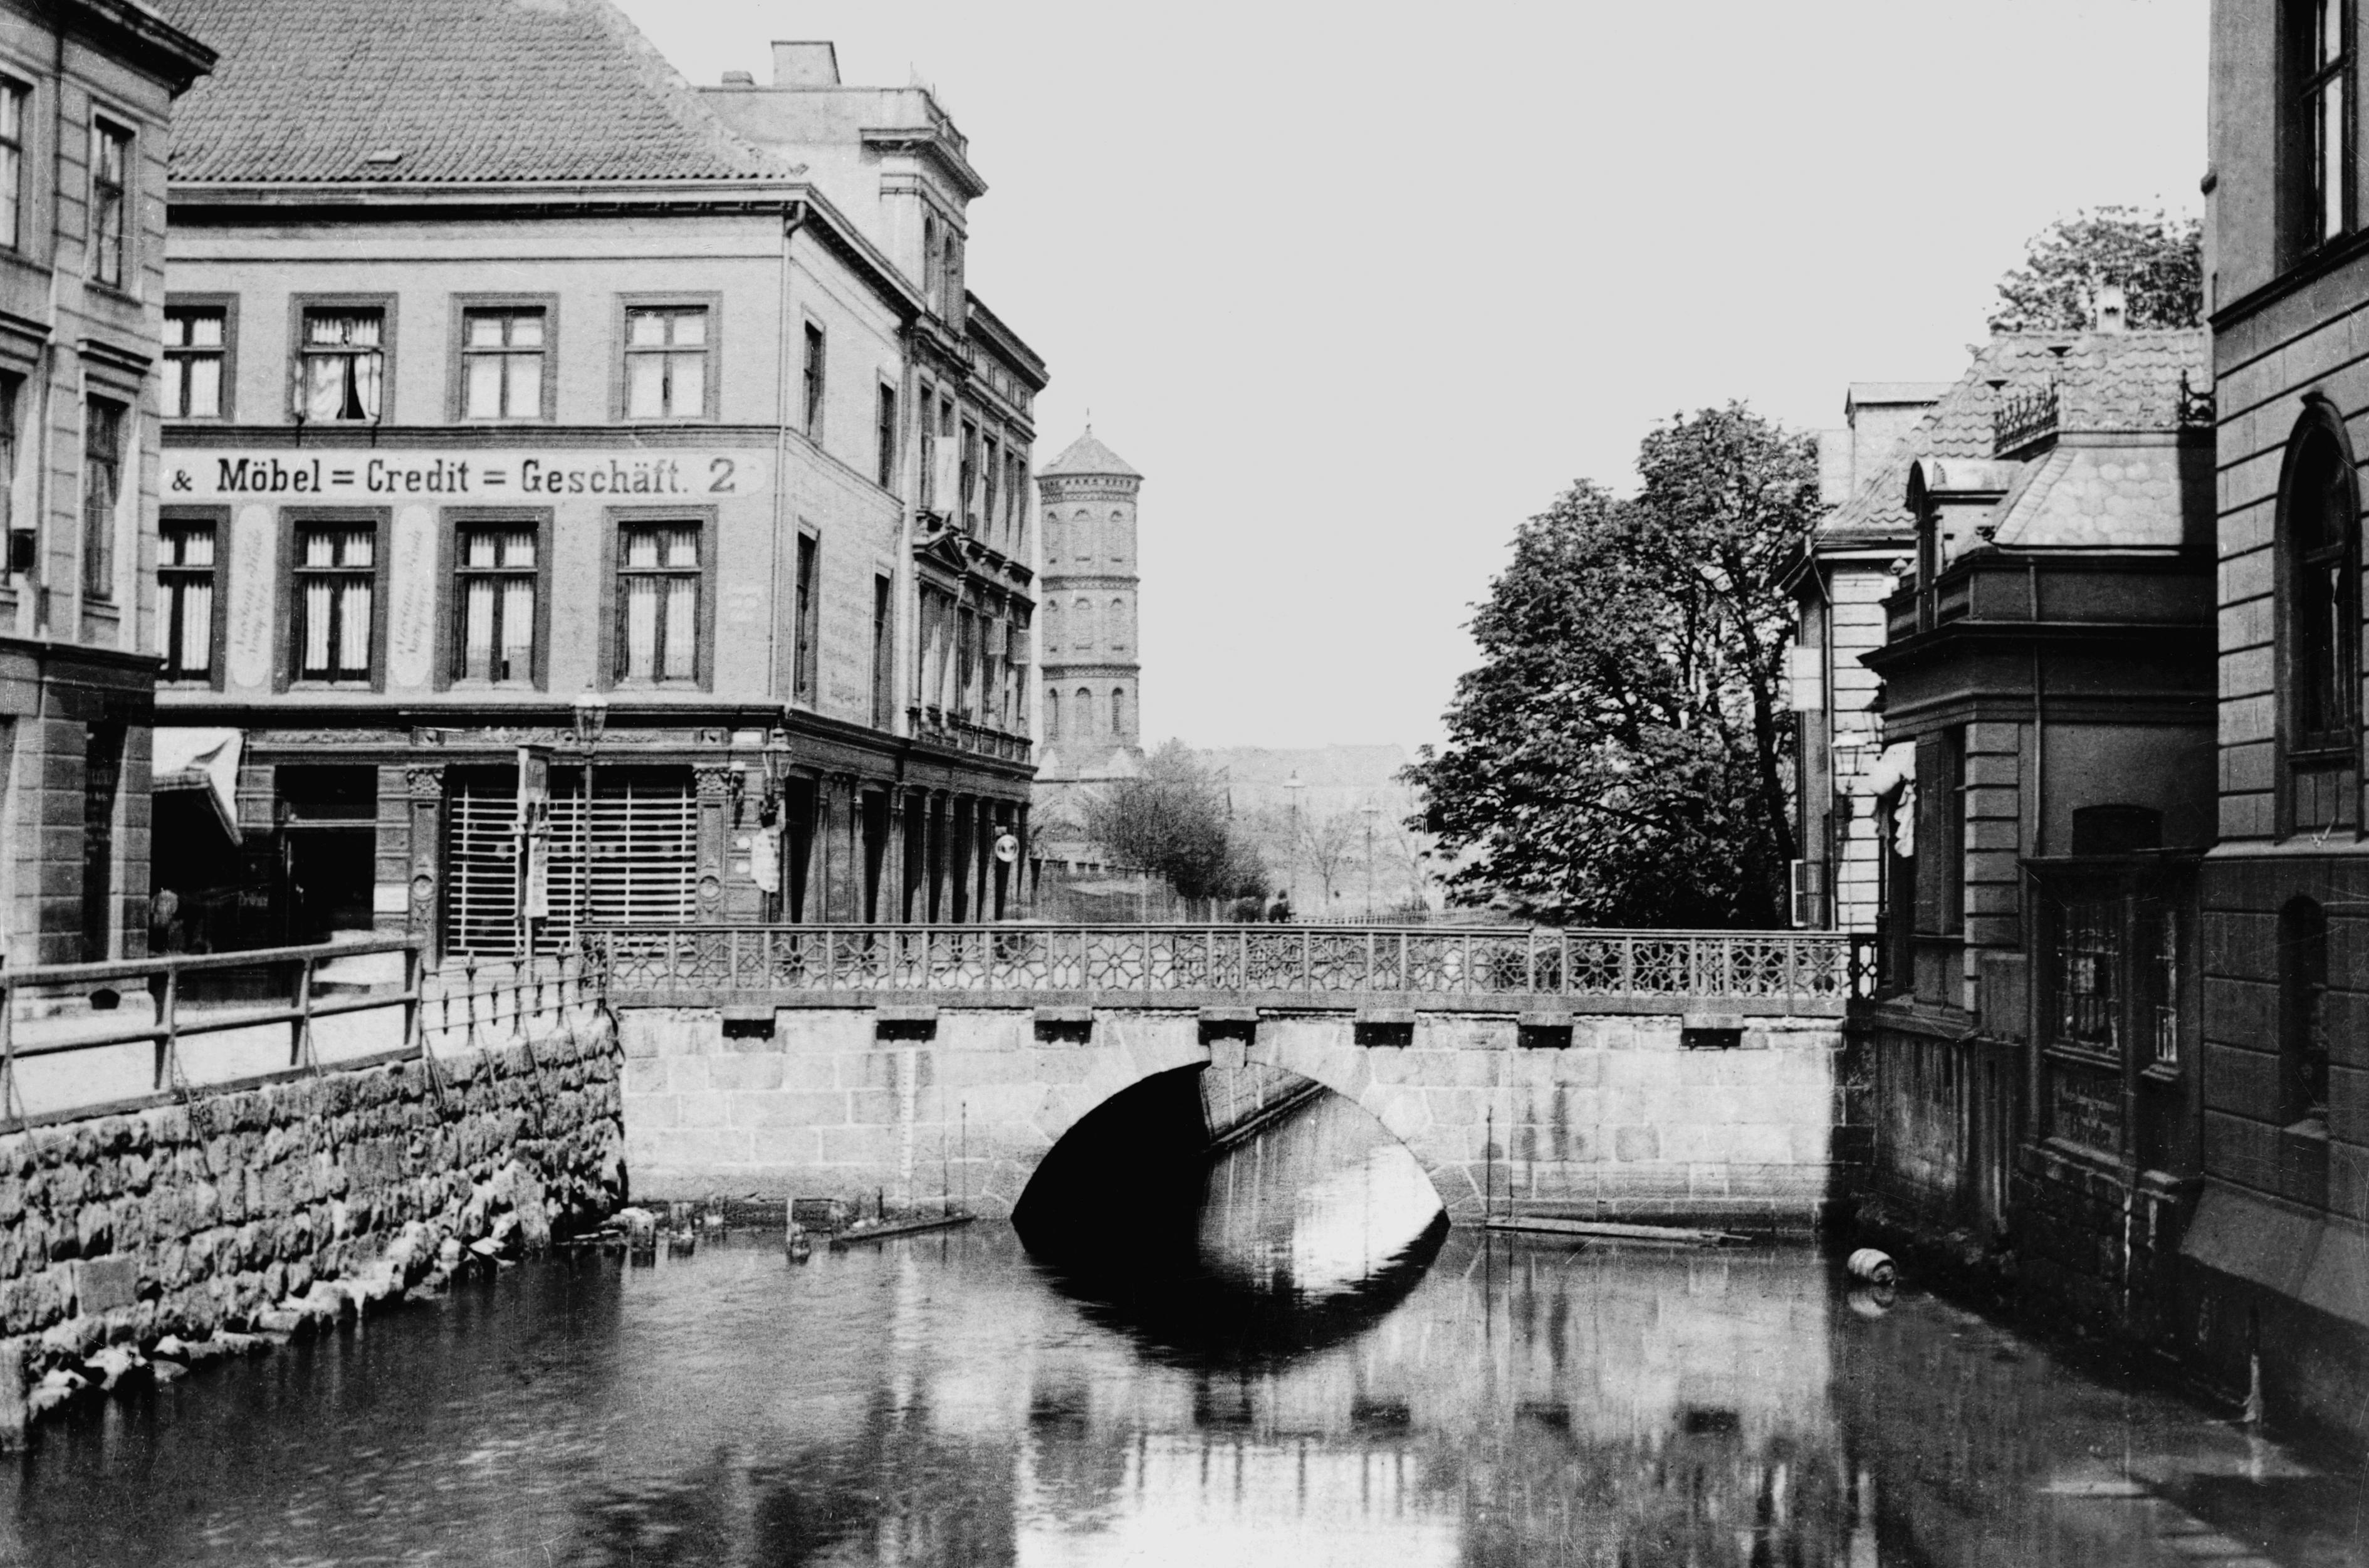 Ansicht Holstenbrücke Ost-West um 1890 _Städtische Lichtbildstelle der Landeshauptstadt Kiel